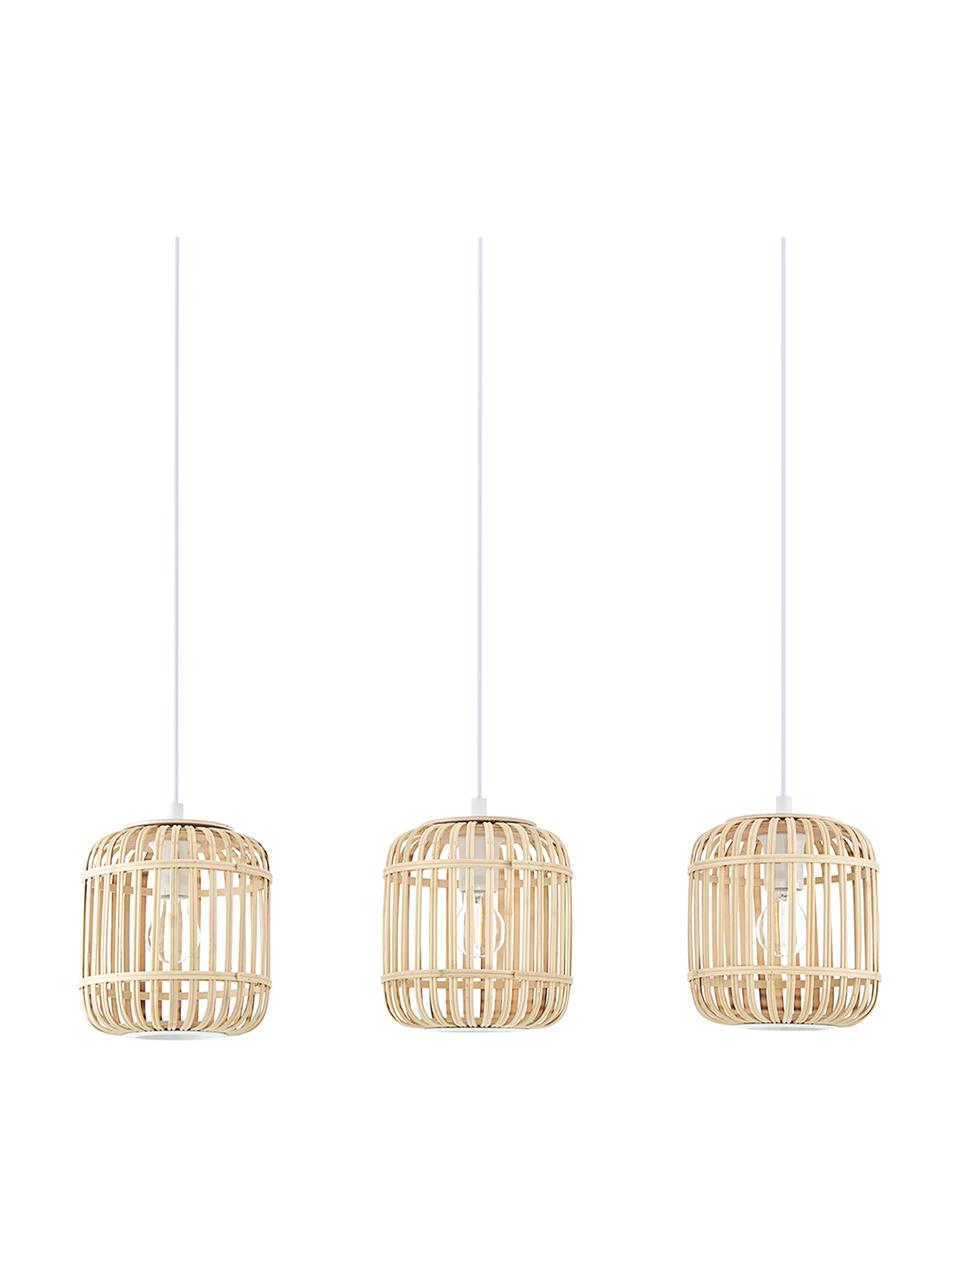 Lampa wisząca z drewna bambusowego Adam, Biały, beżowy, S 78 cm x W 24 cm